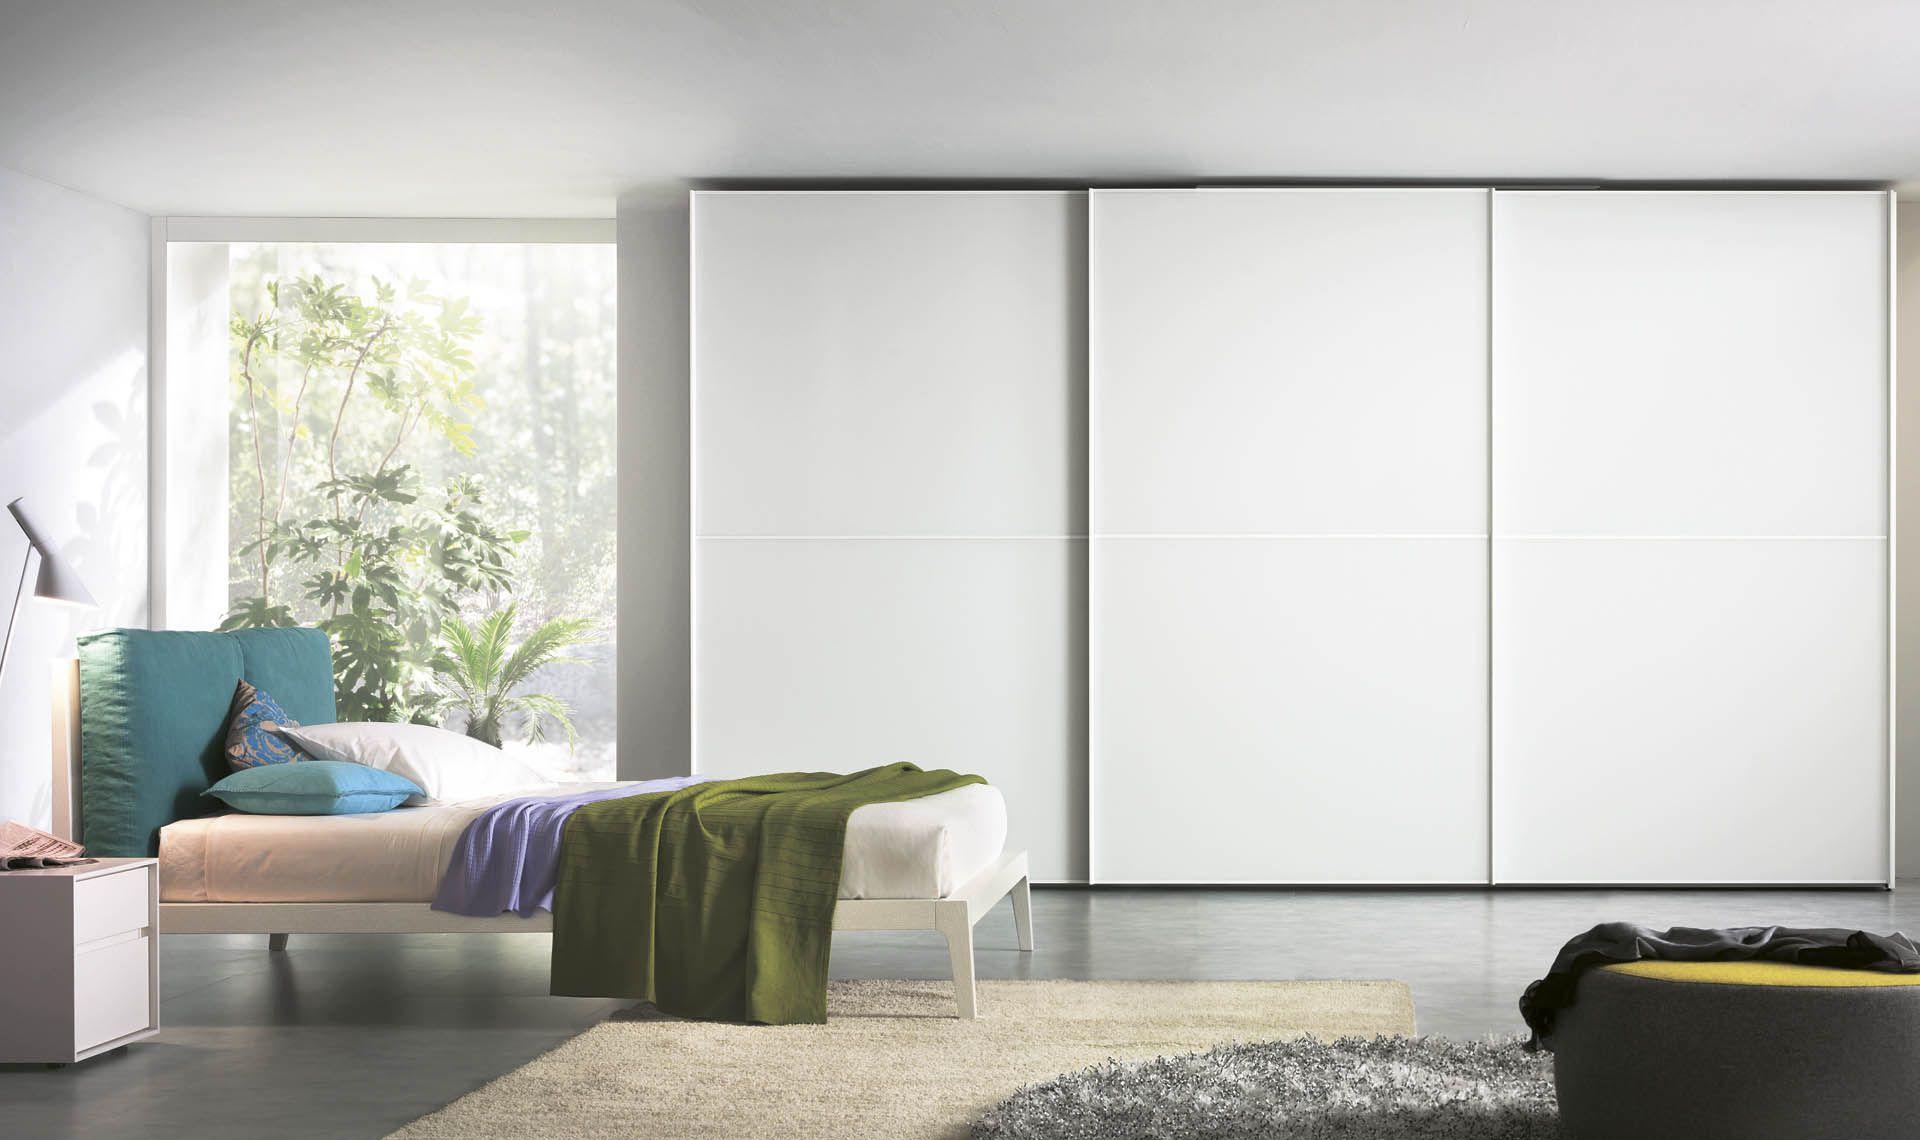 Cabine: Store - design moderno Alf DaFré